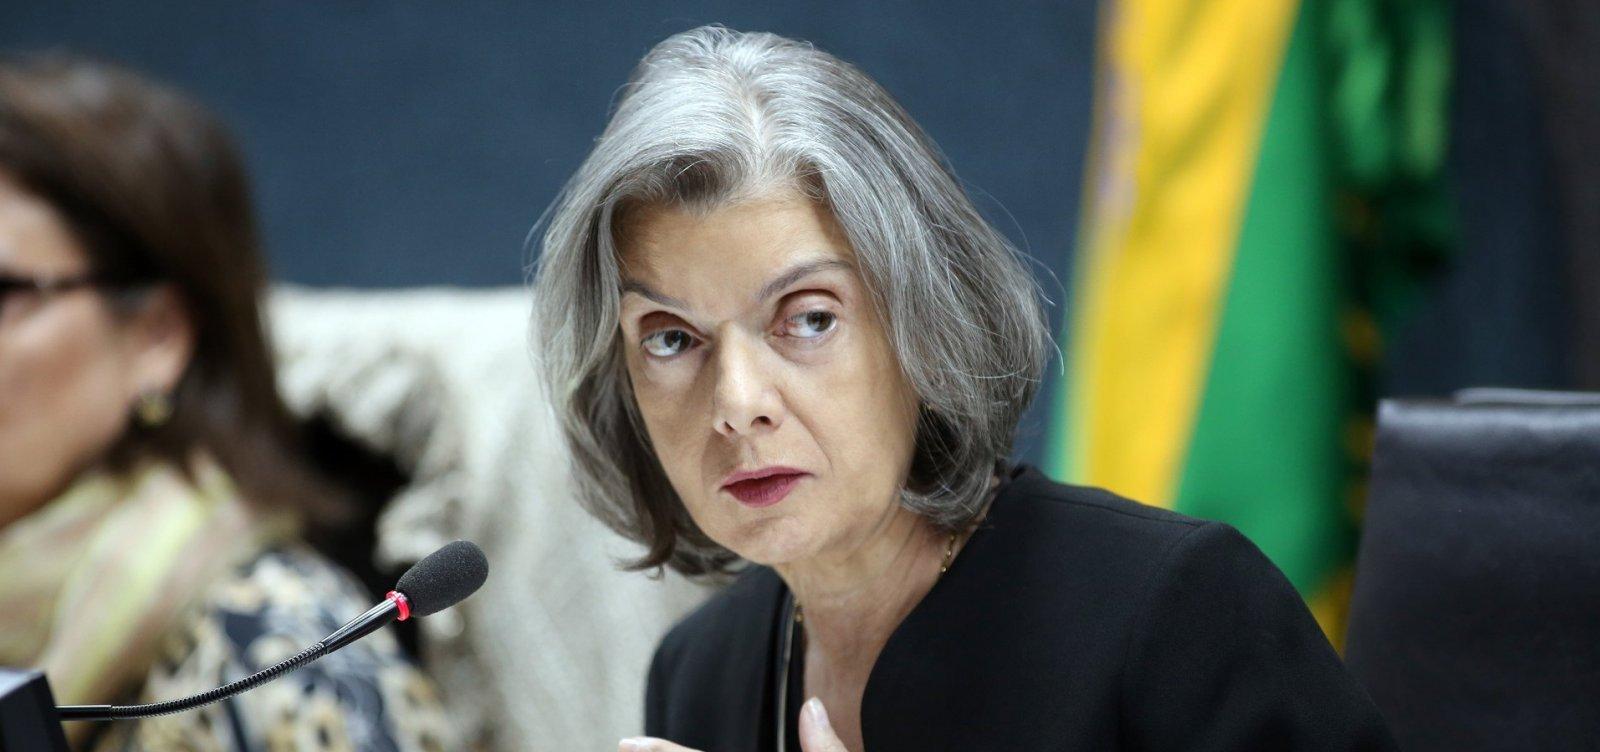 'Benza Deus a imprensa livre do país', diz Cármen Lúcia ao rebater fala de Aras e AGU